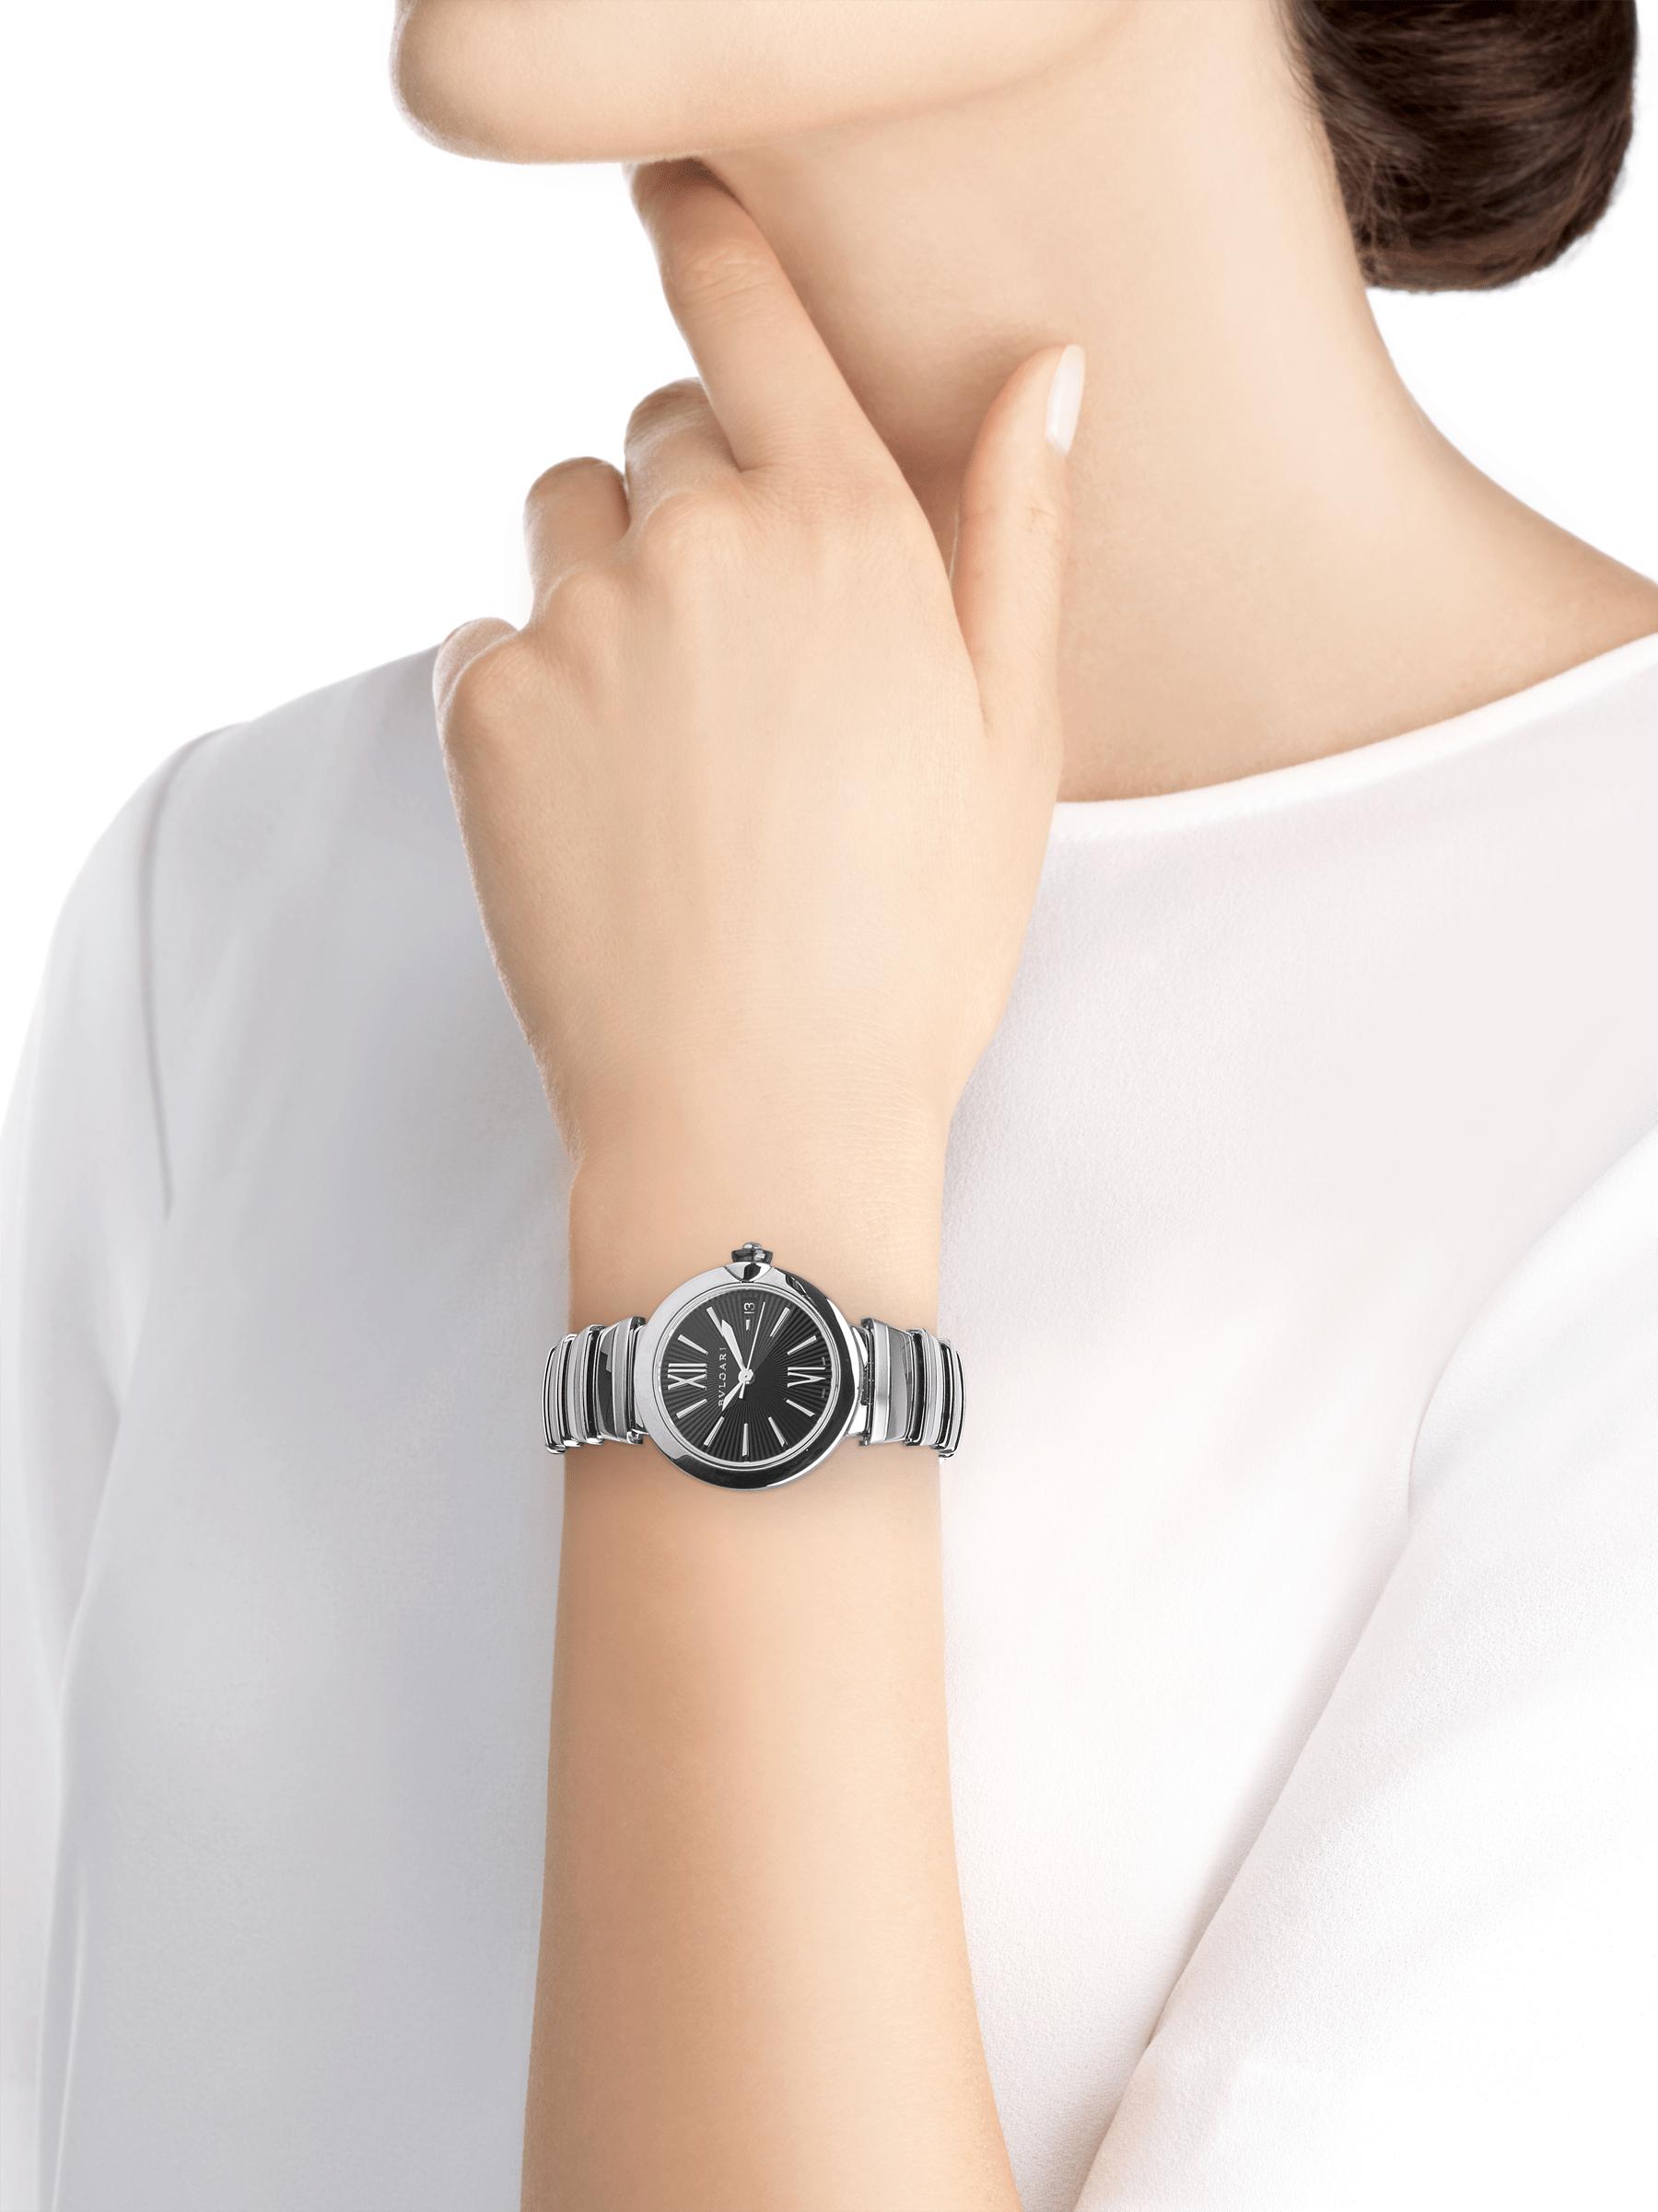 Reloj LVCEA con caja y brazalete en acero inoxidable y esfera negra. 102688 image 4